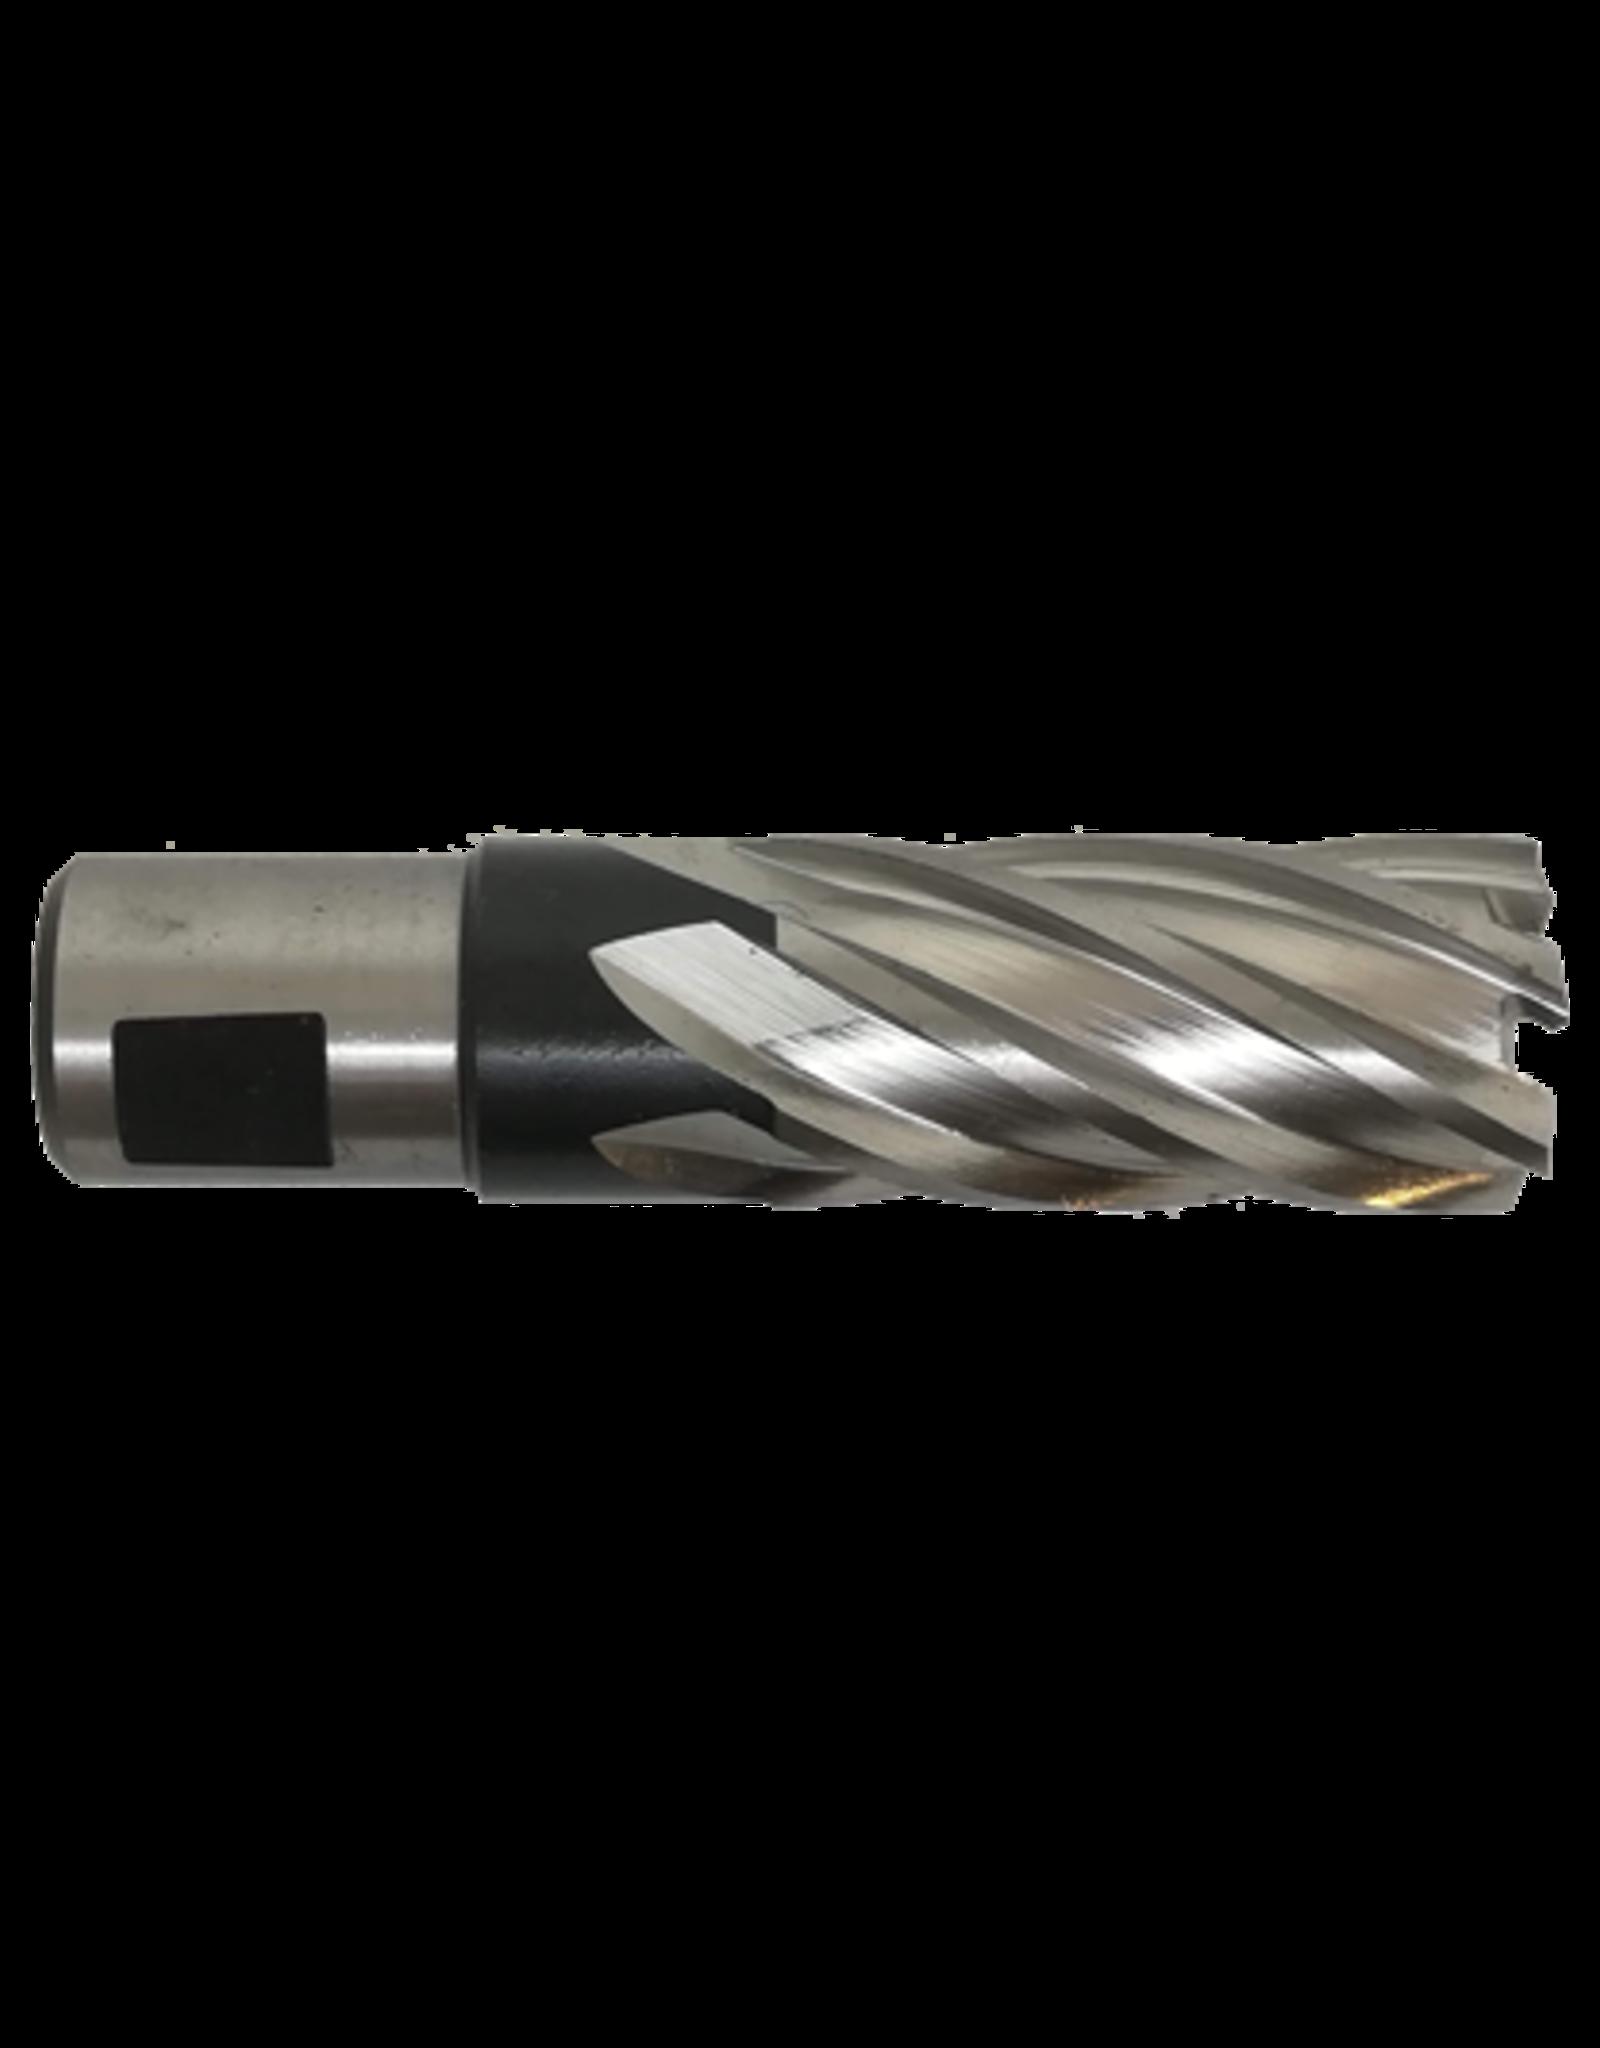 Evolution Power Tools Steel Line EVOLUTION LANGE HSS KERNFREES - 28 MM